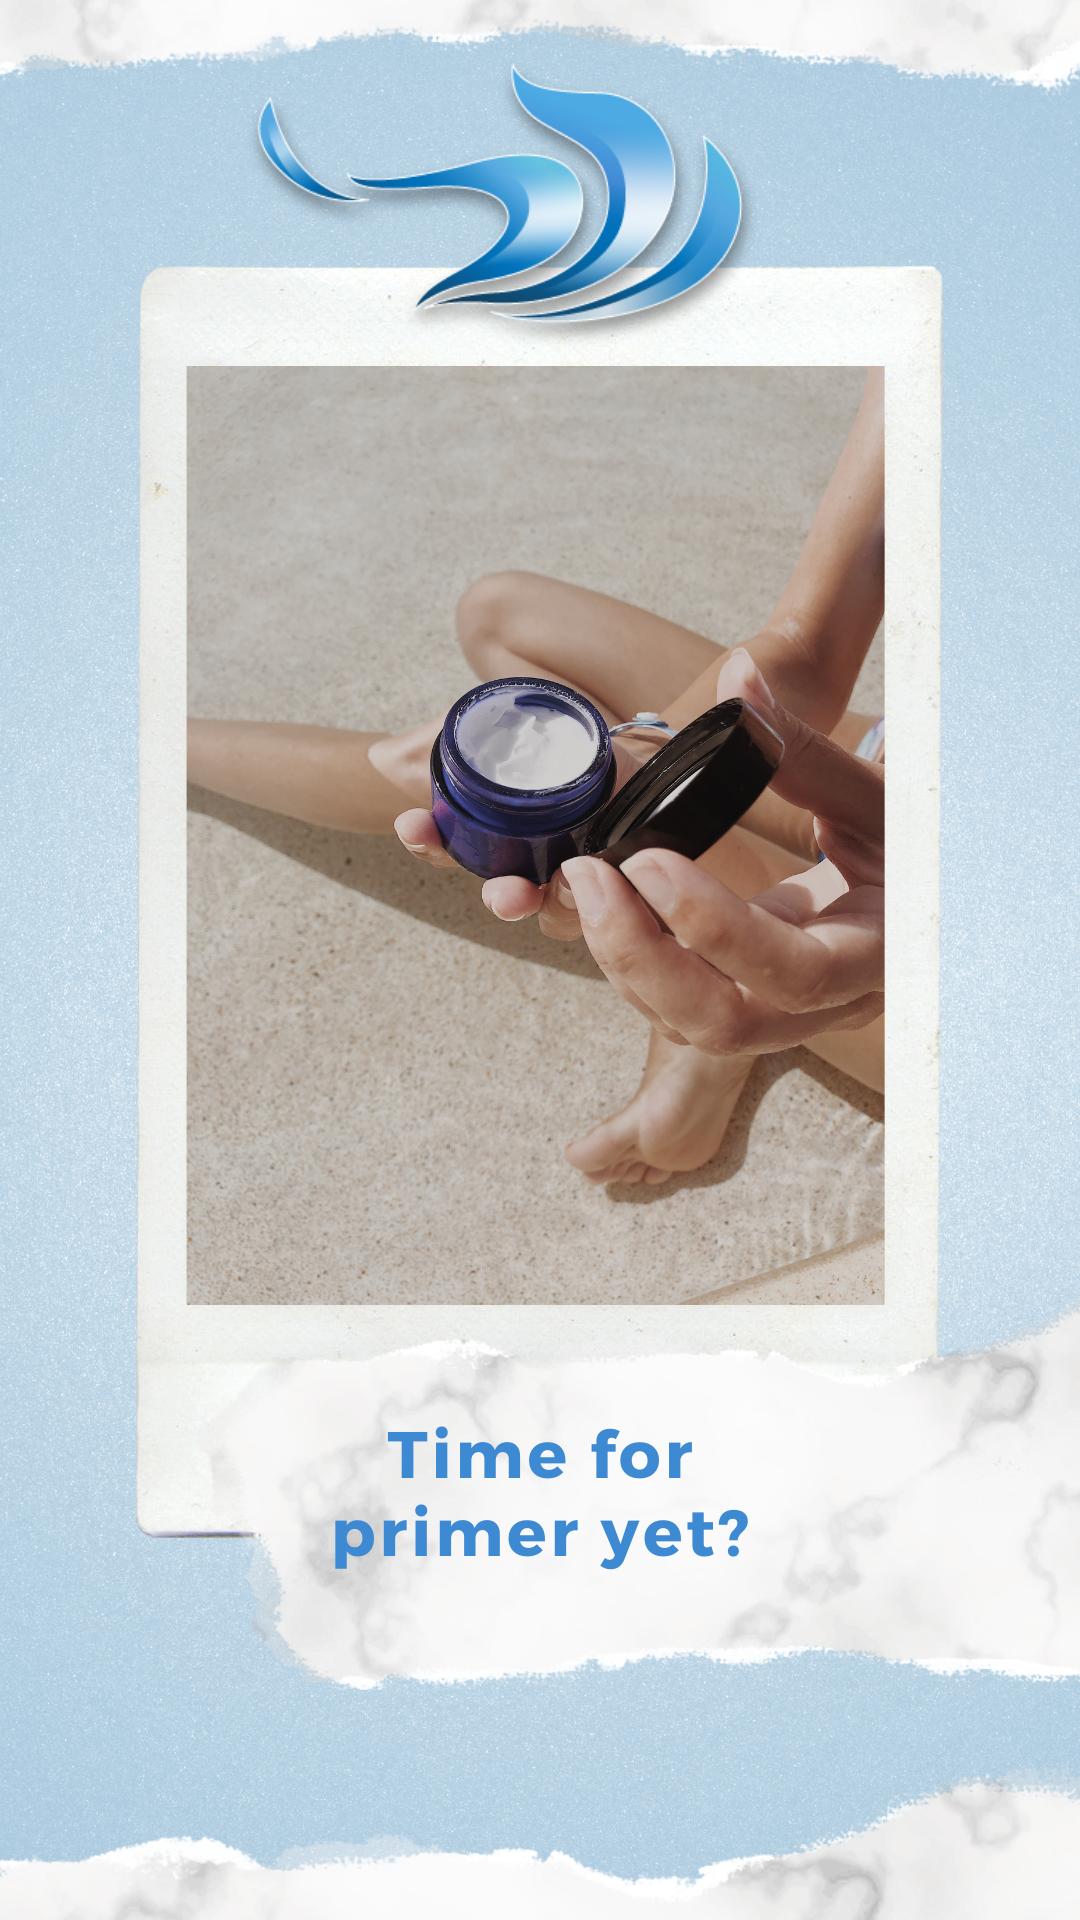 Azura Skin Care Routine Order question 3